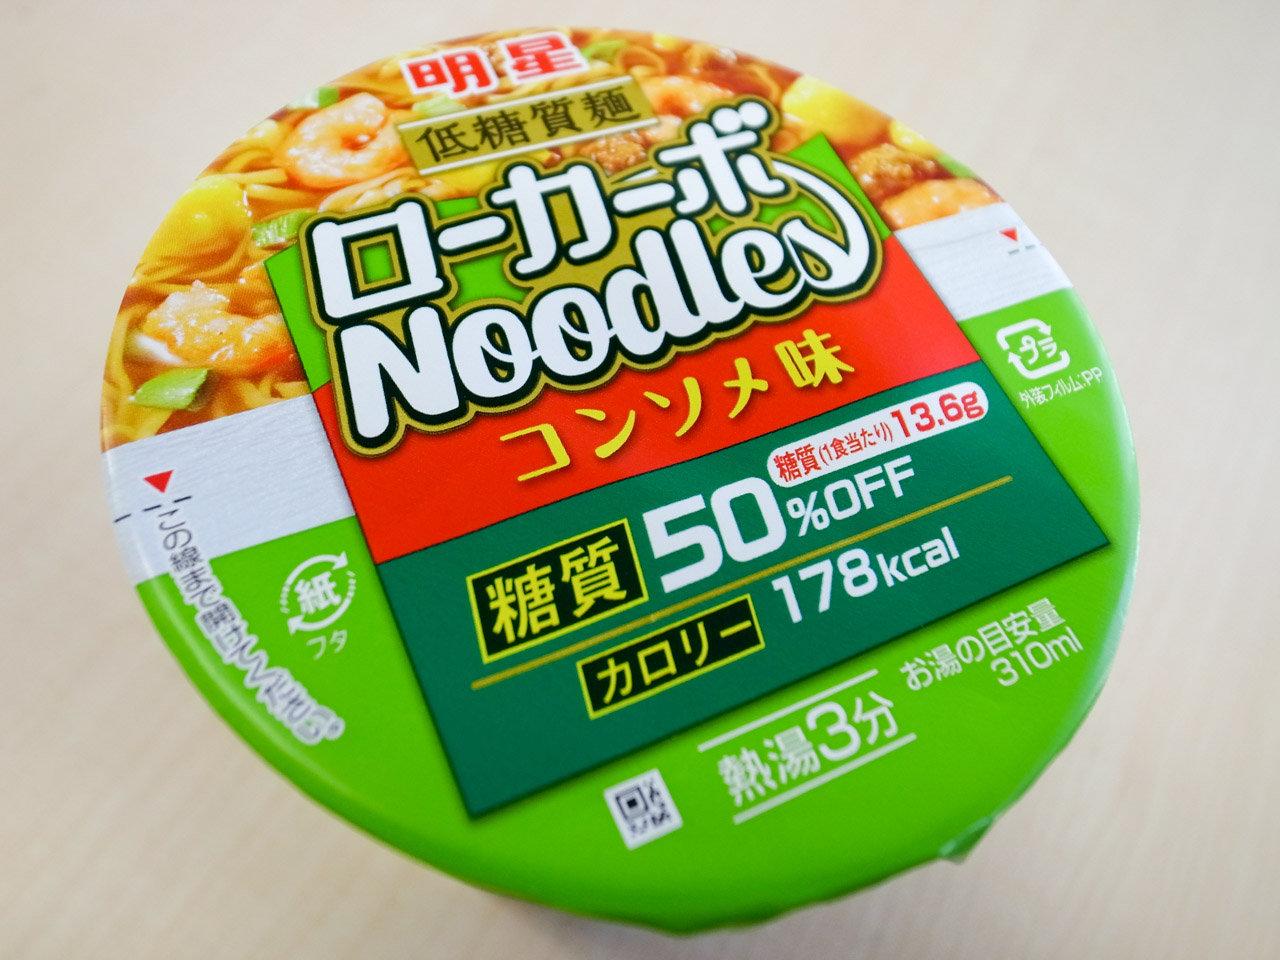 【朗報】ついに出た!糖質制限カップラーメン「低糖質麺 ローカーボNoodles」178Kcal